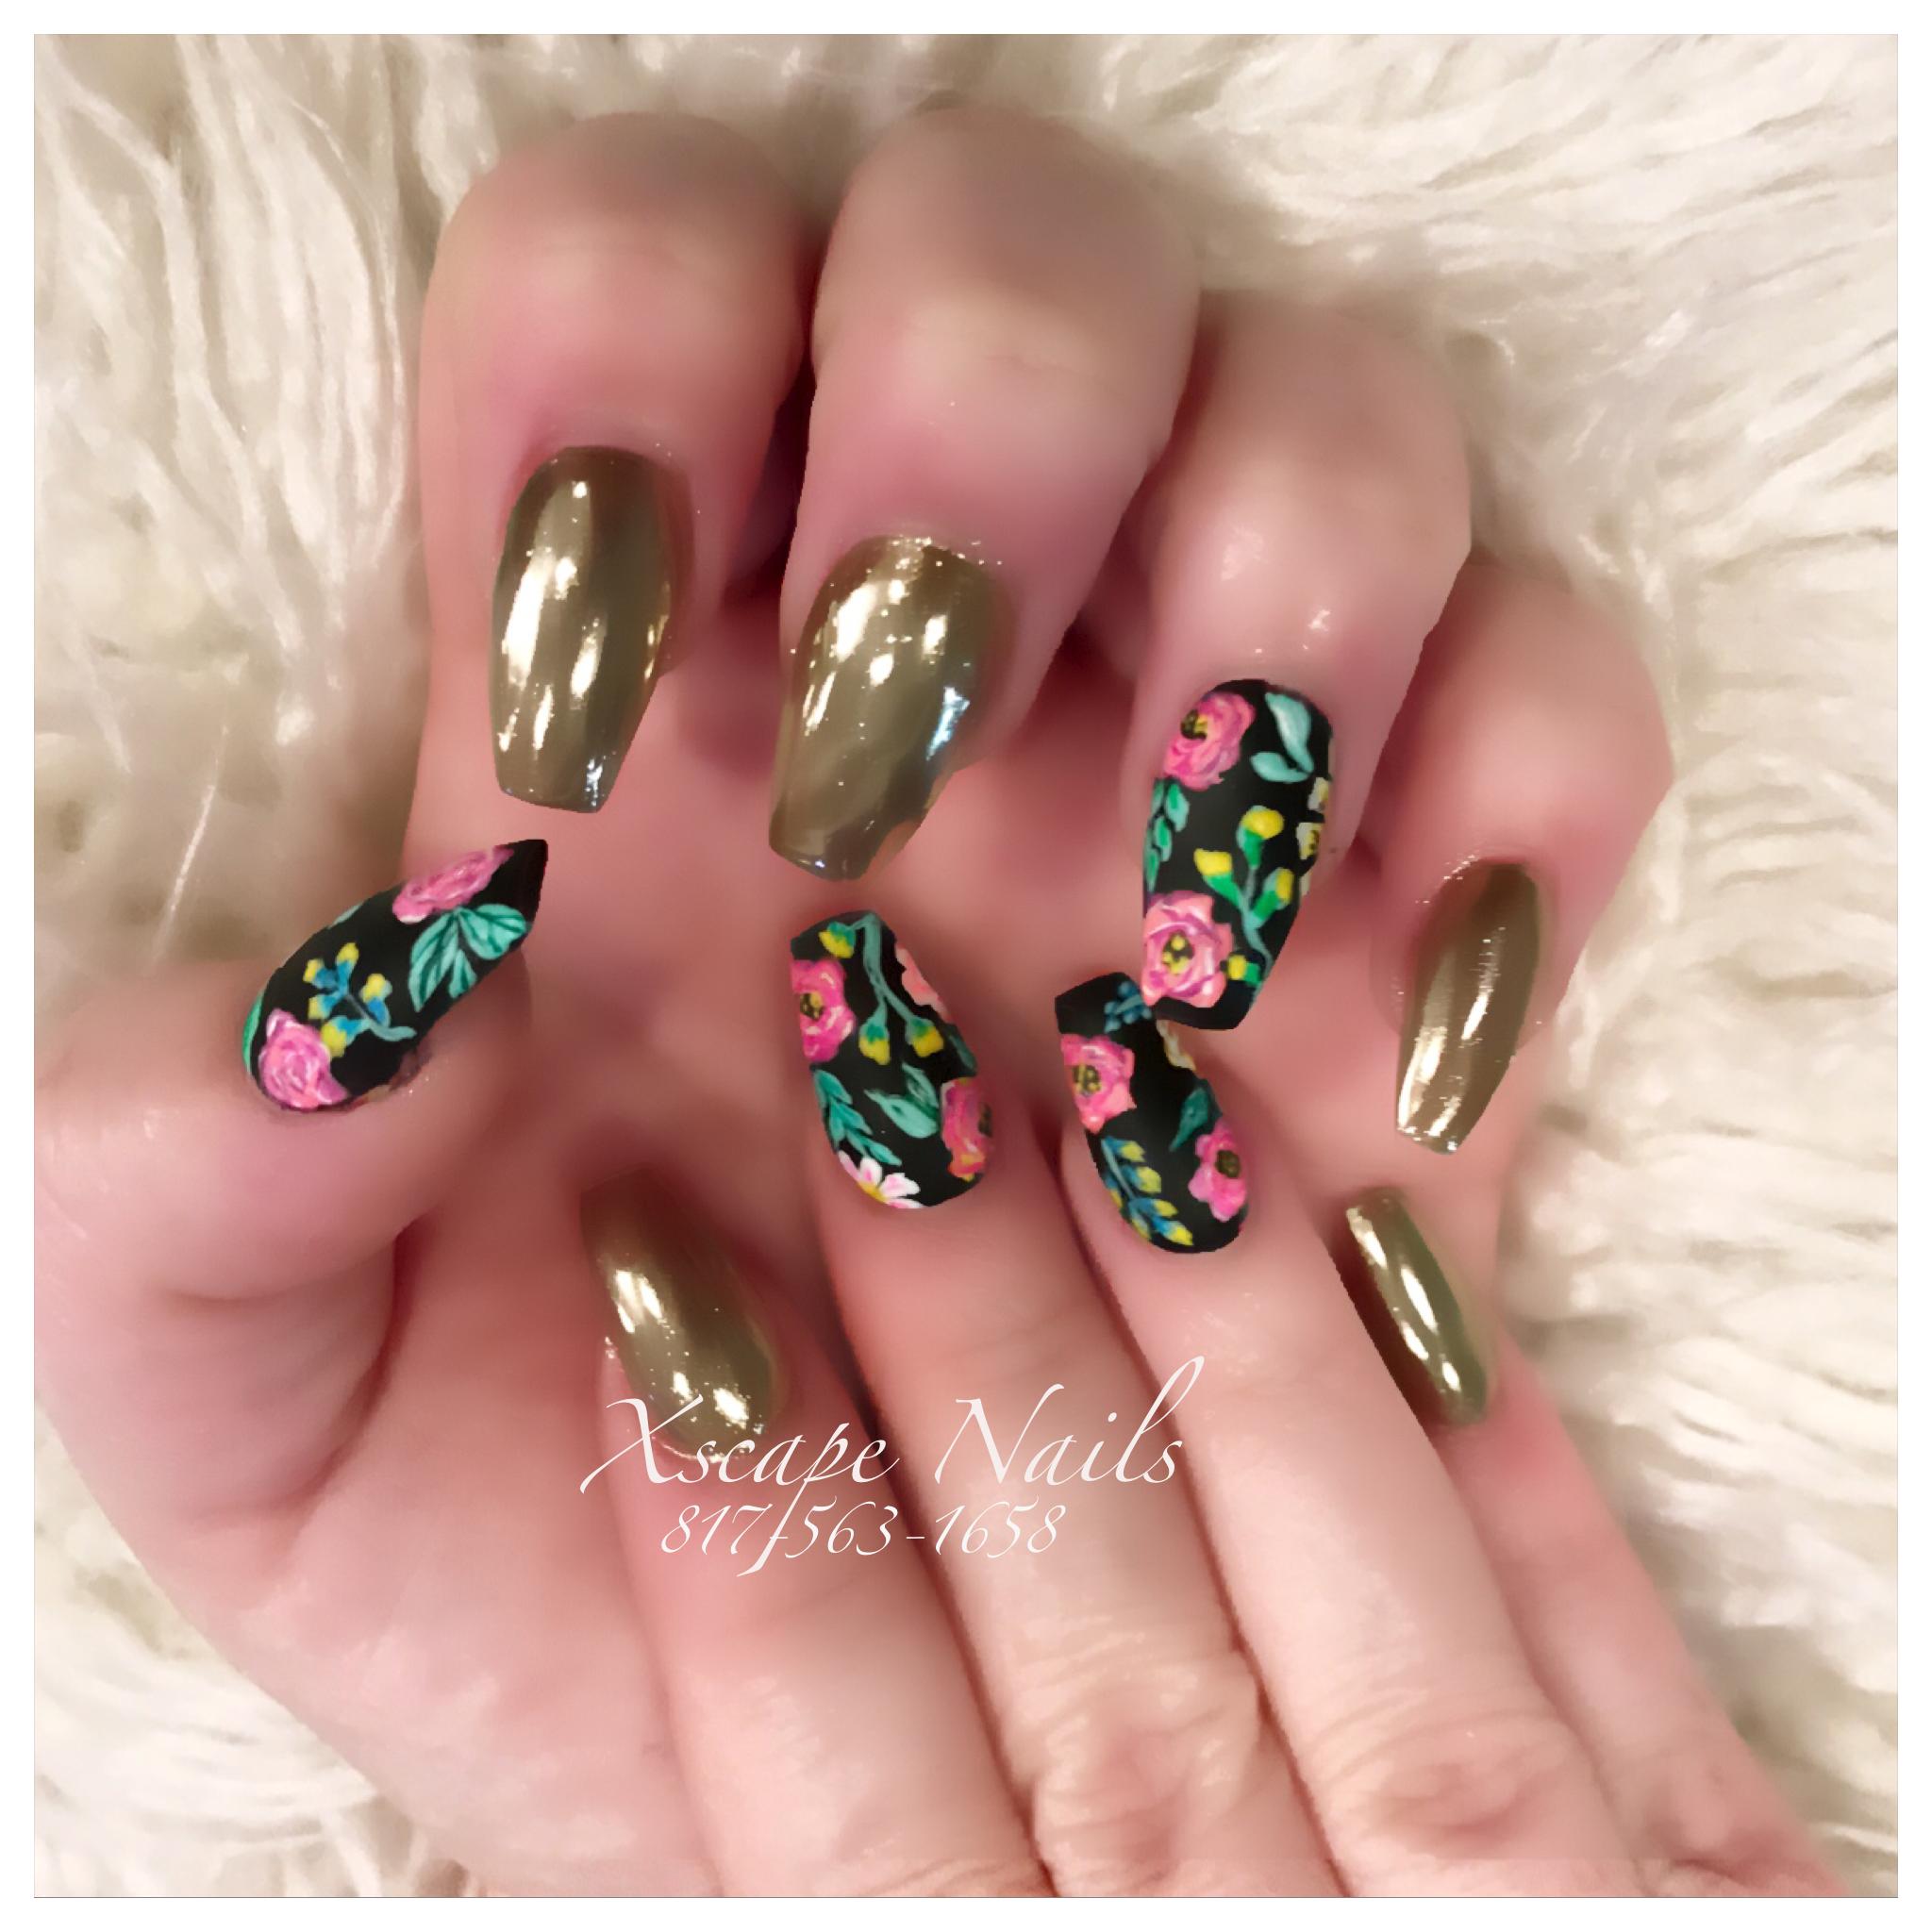 Blue glitter ombr 233 stiletto nails - Chrome Nails